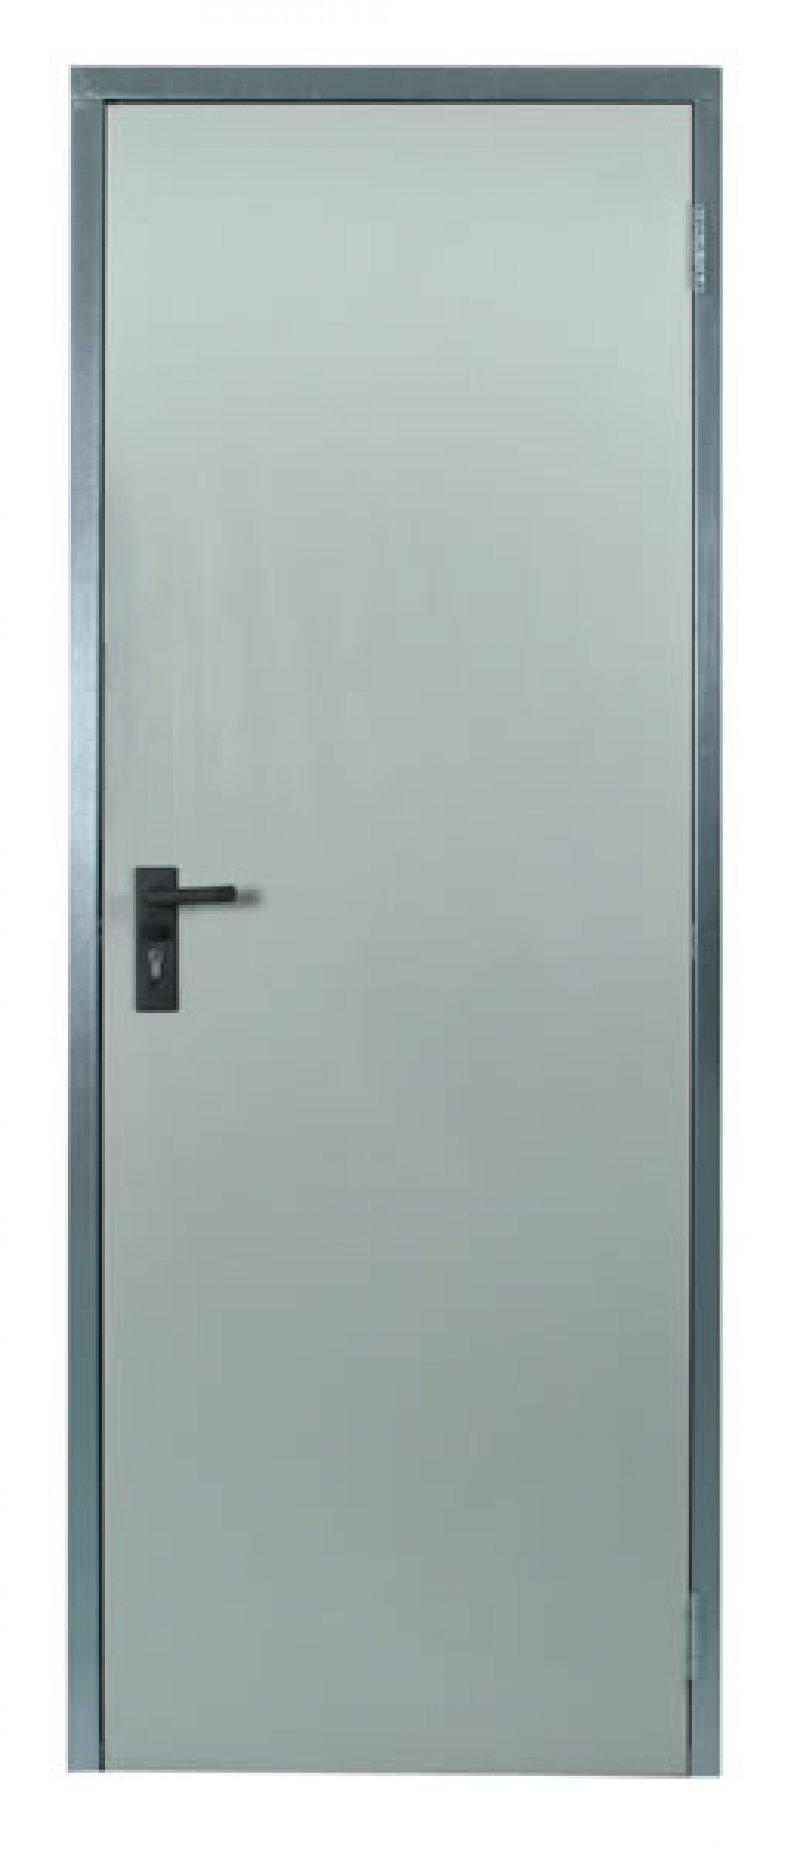 Ferredil cer attrezzature edili e idrauliche for Porte 70x200